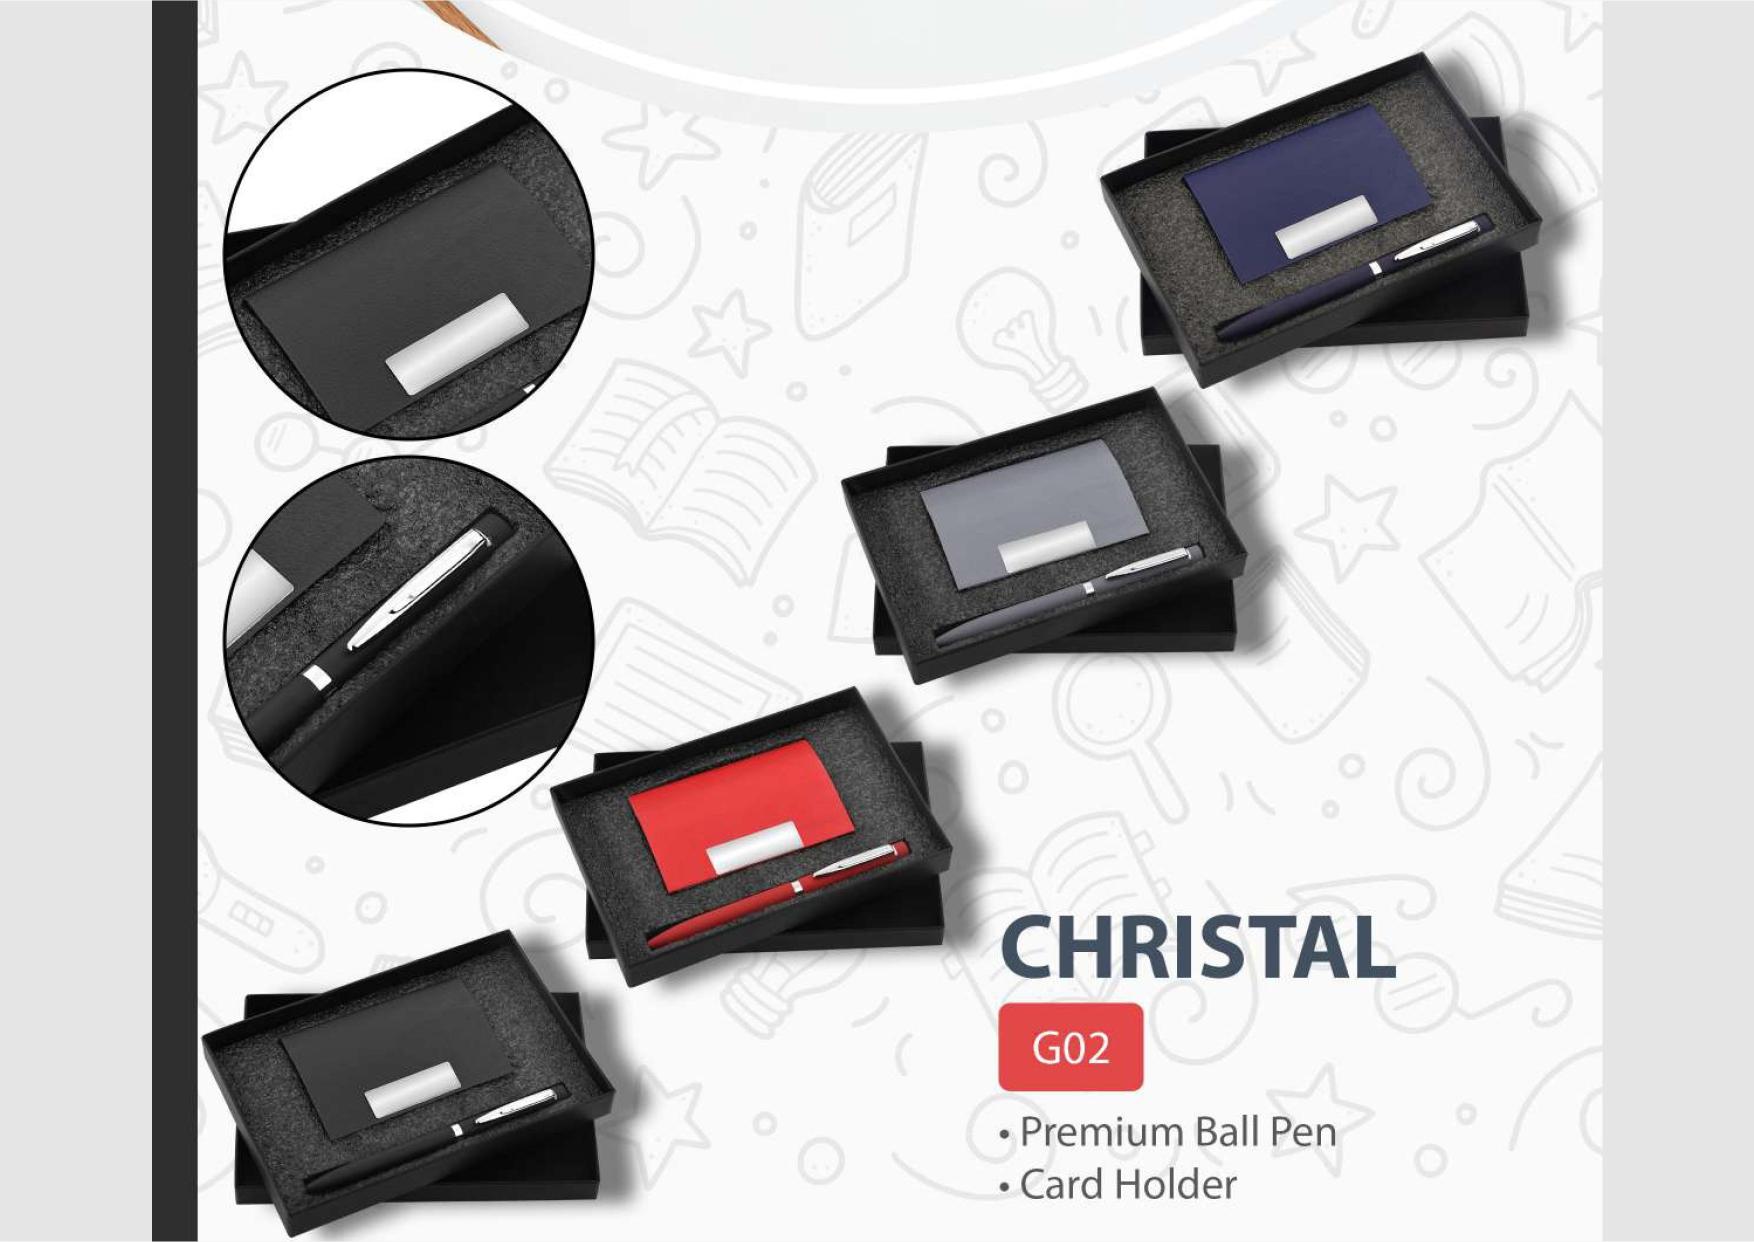 Card Holder and Pen Set Christal